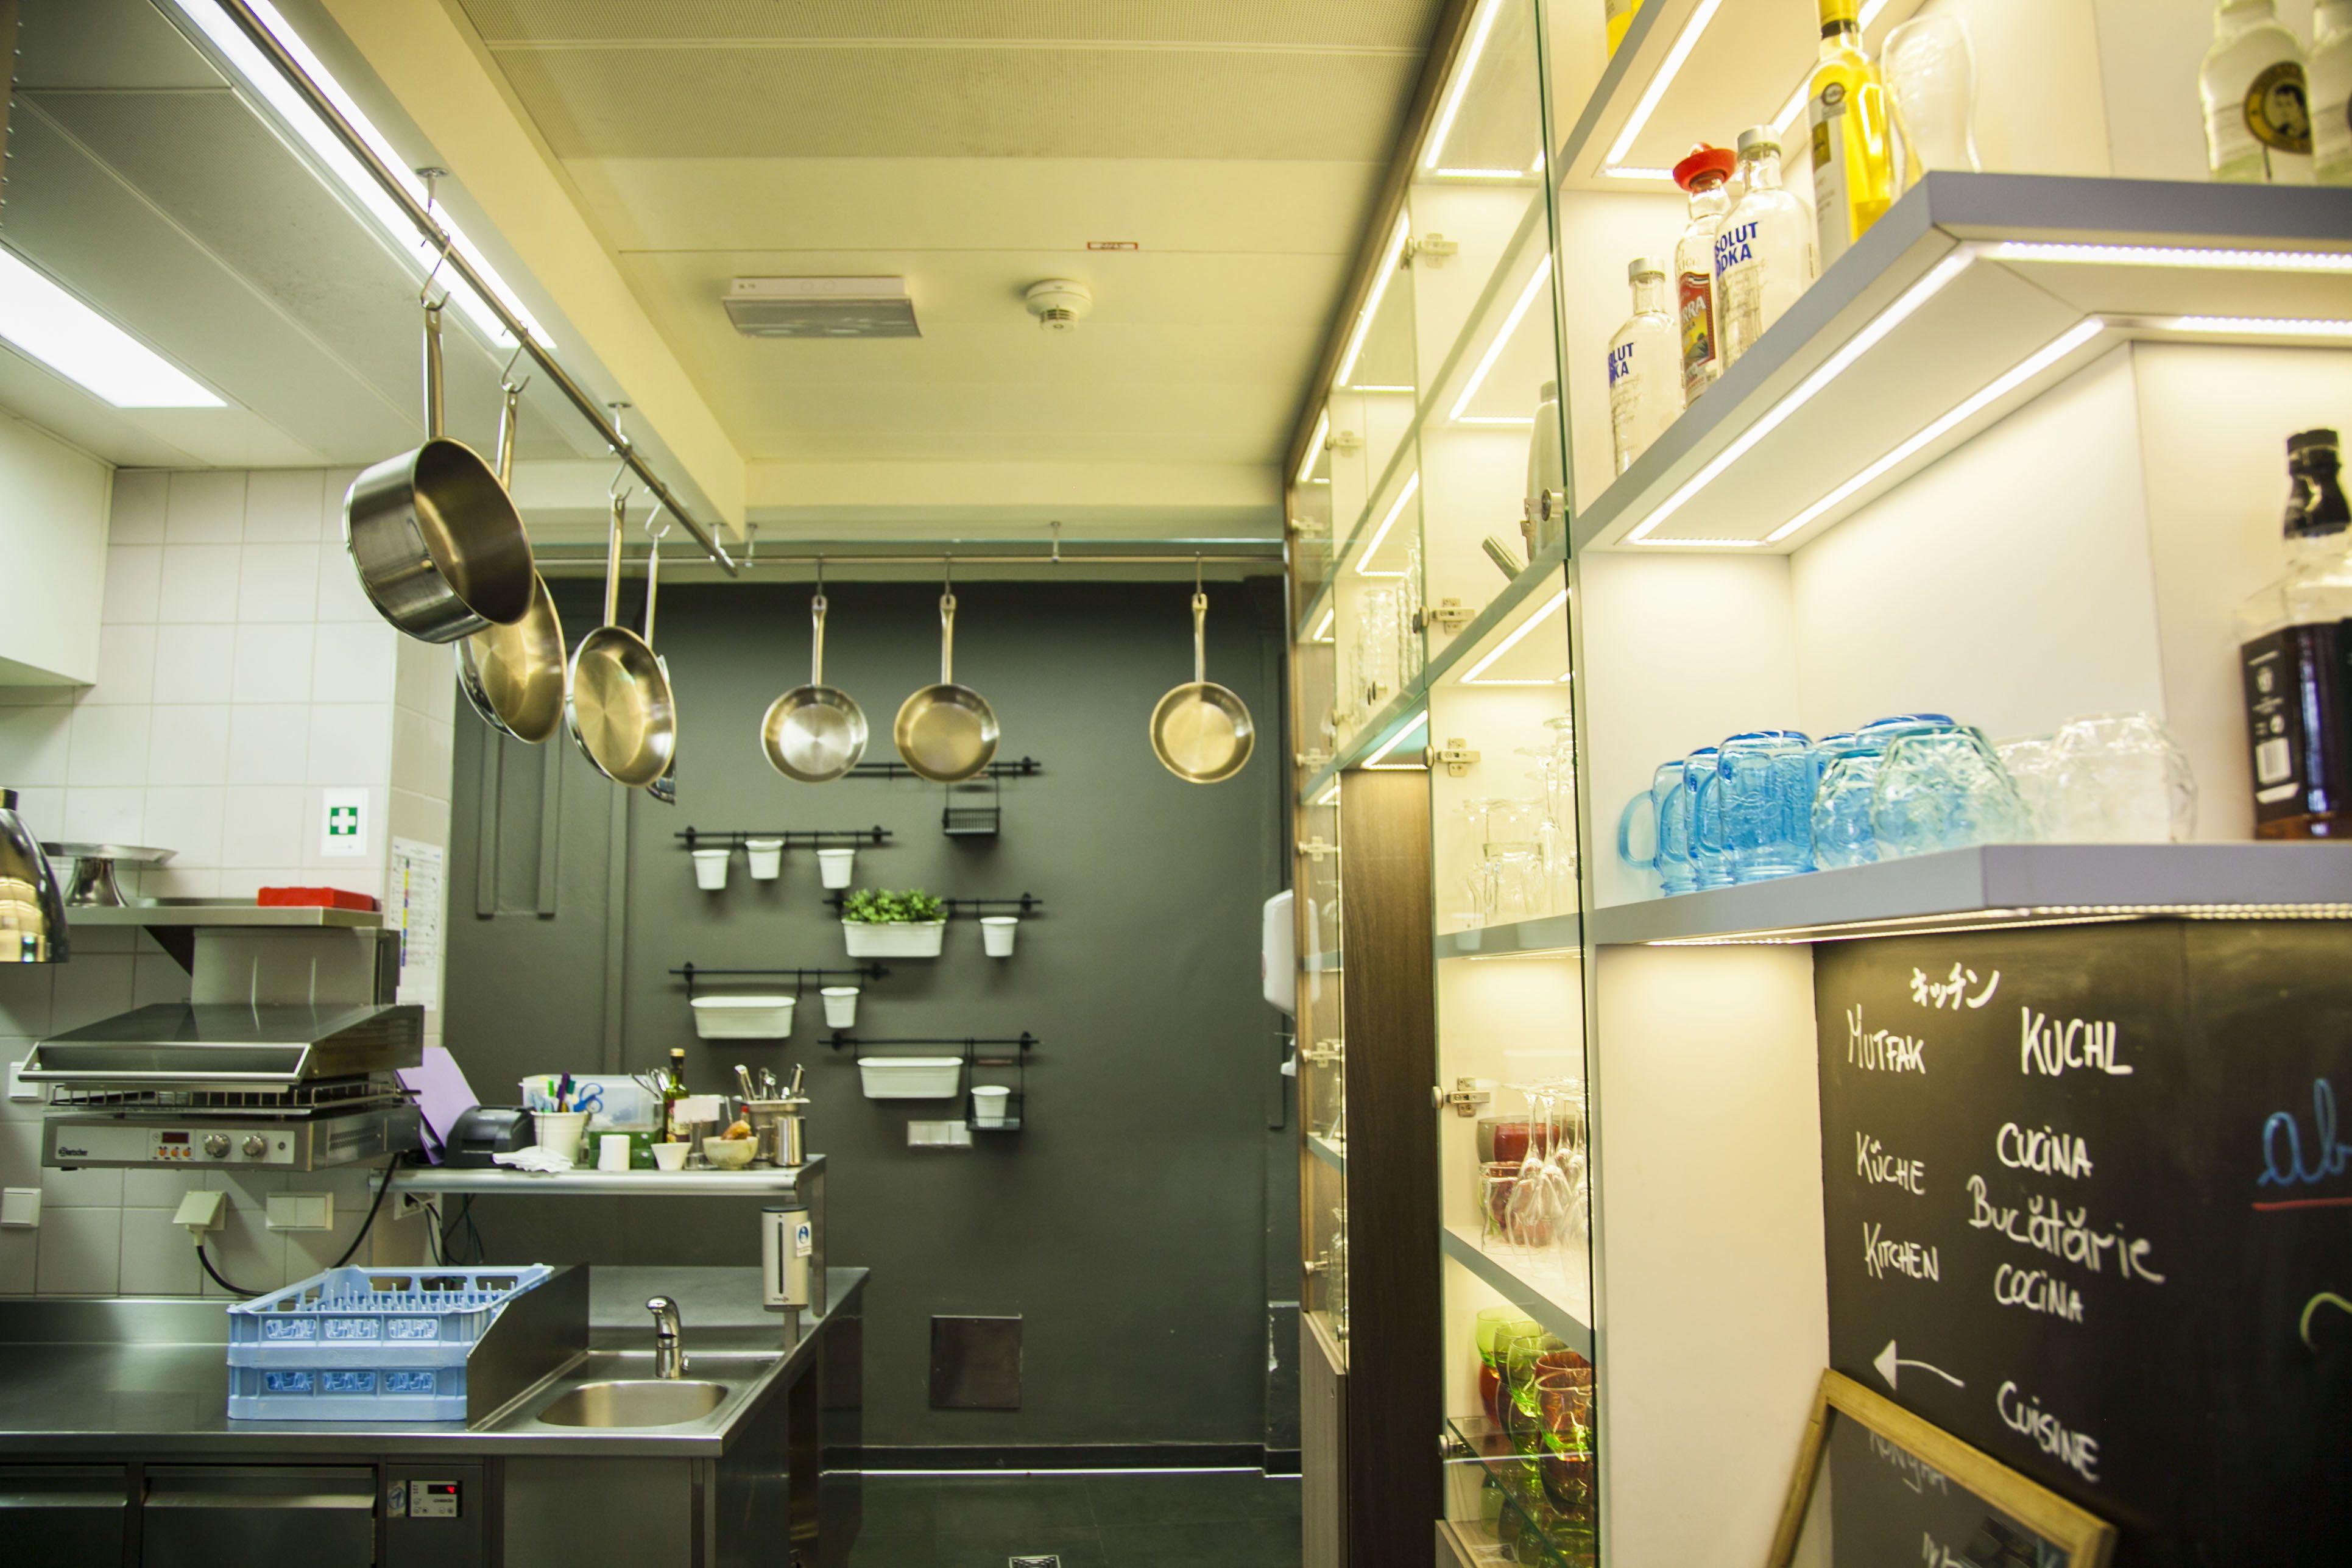 Offene Küche Vienna 1st | Restaurant VIENNA 1ST | Pinterest | Vienna ...